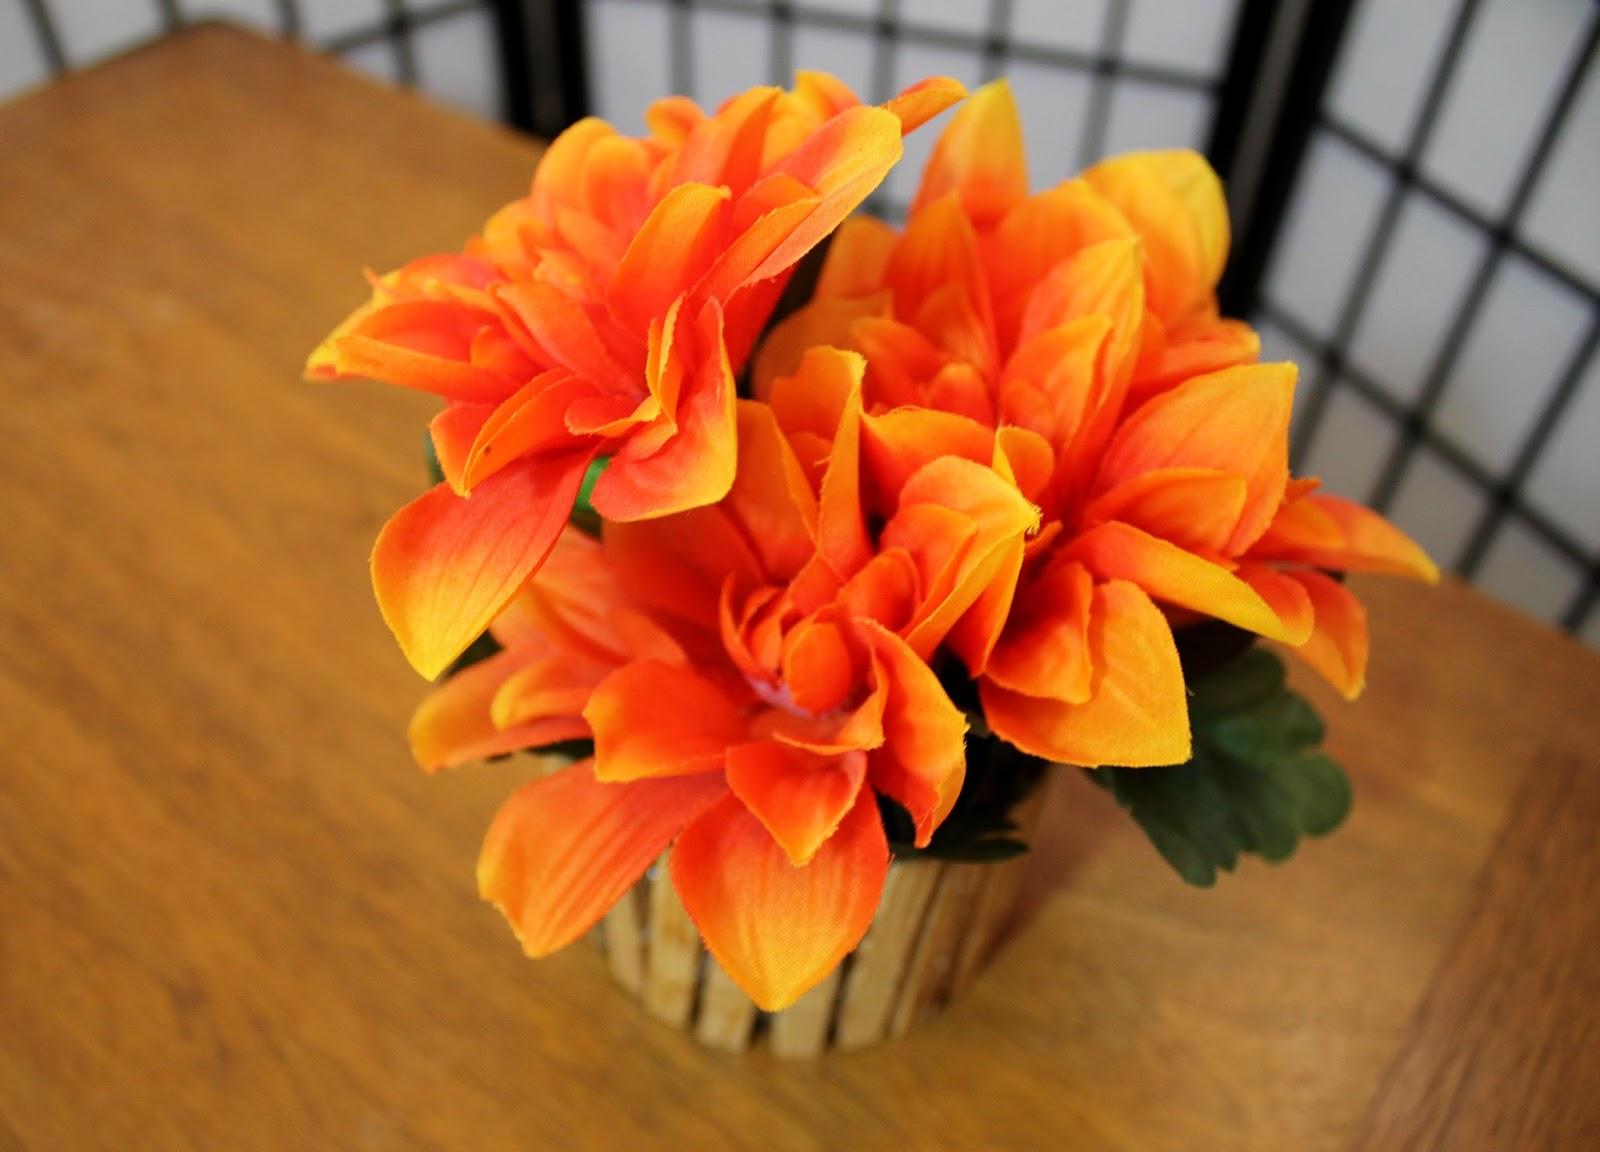 Flores Artificiales En El Florero De Cristal Imagen de  - Imagenes De Floreros Con Flores Artificiales